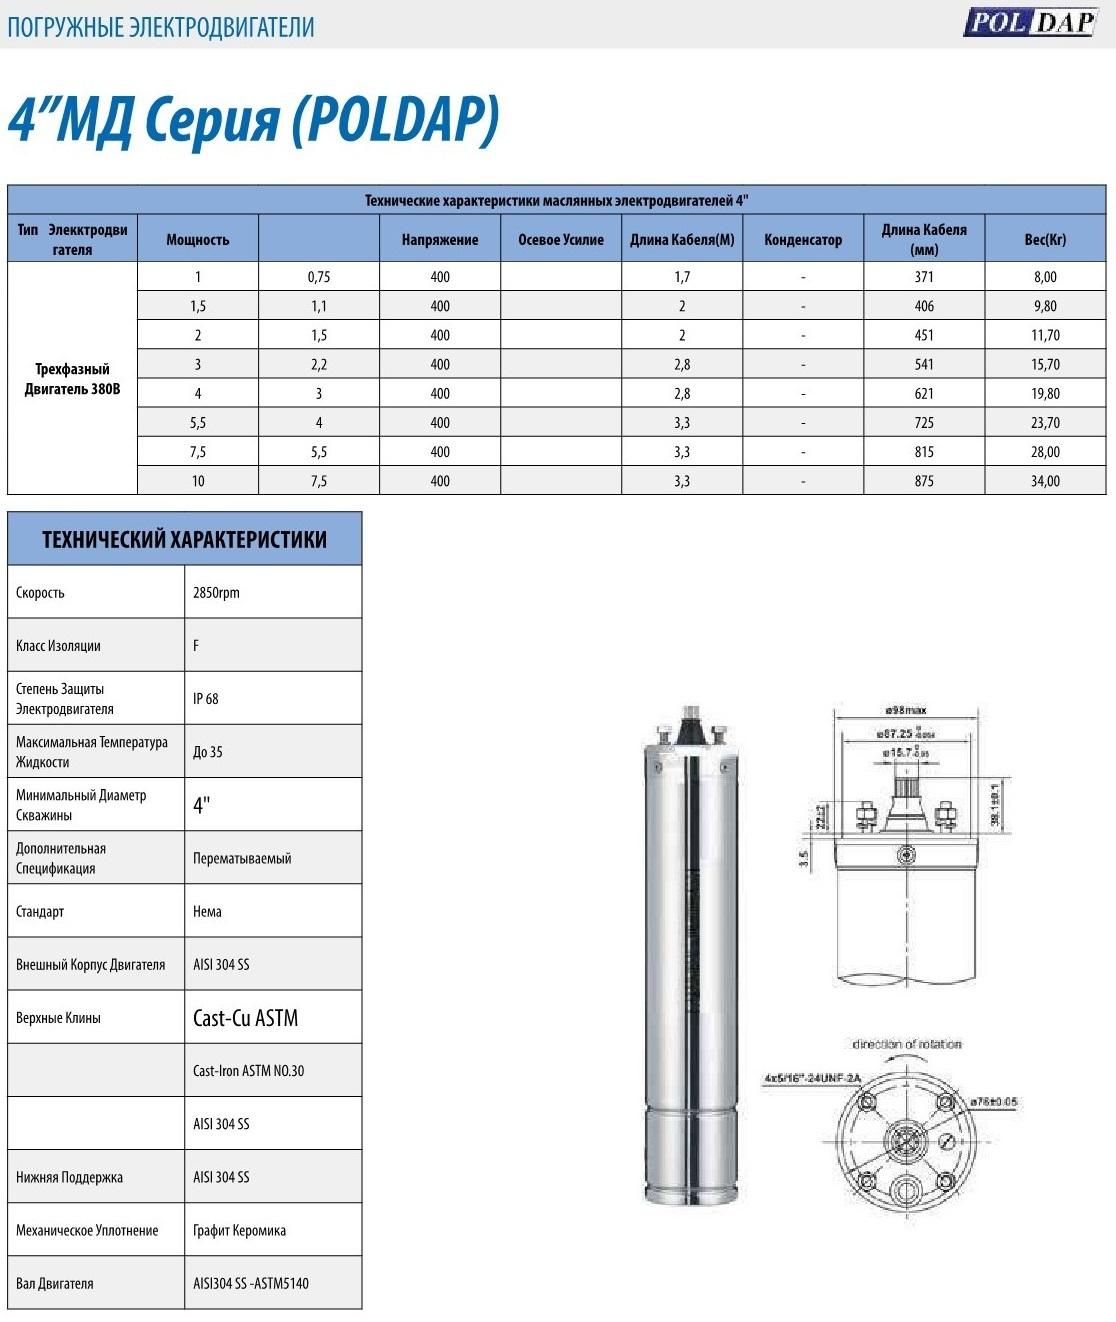 """4"""" 3-фазный маслонаполненный двигатель POLDAP, Турция,   0,75 кВт"""